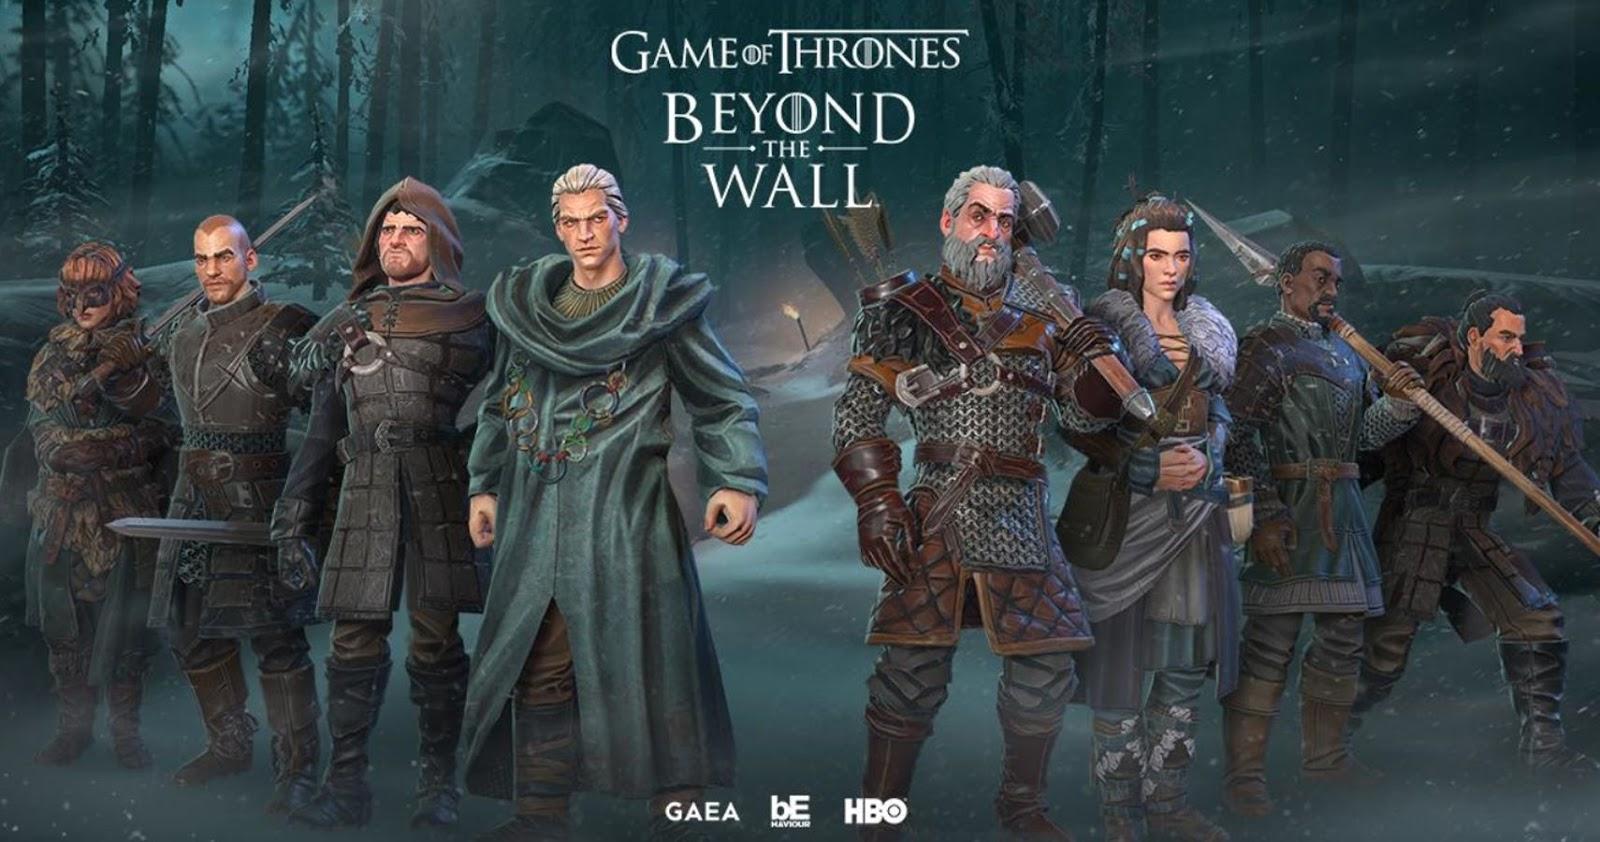 لعبة Game of Thrones على الأندرويد و iOS رسميا